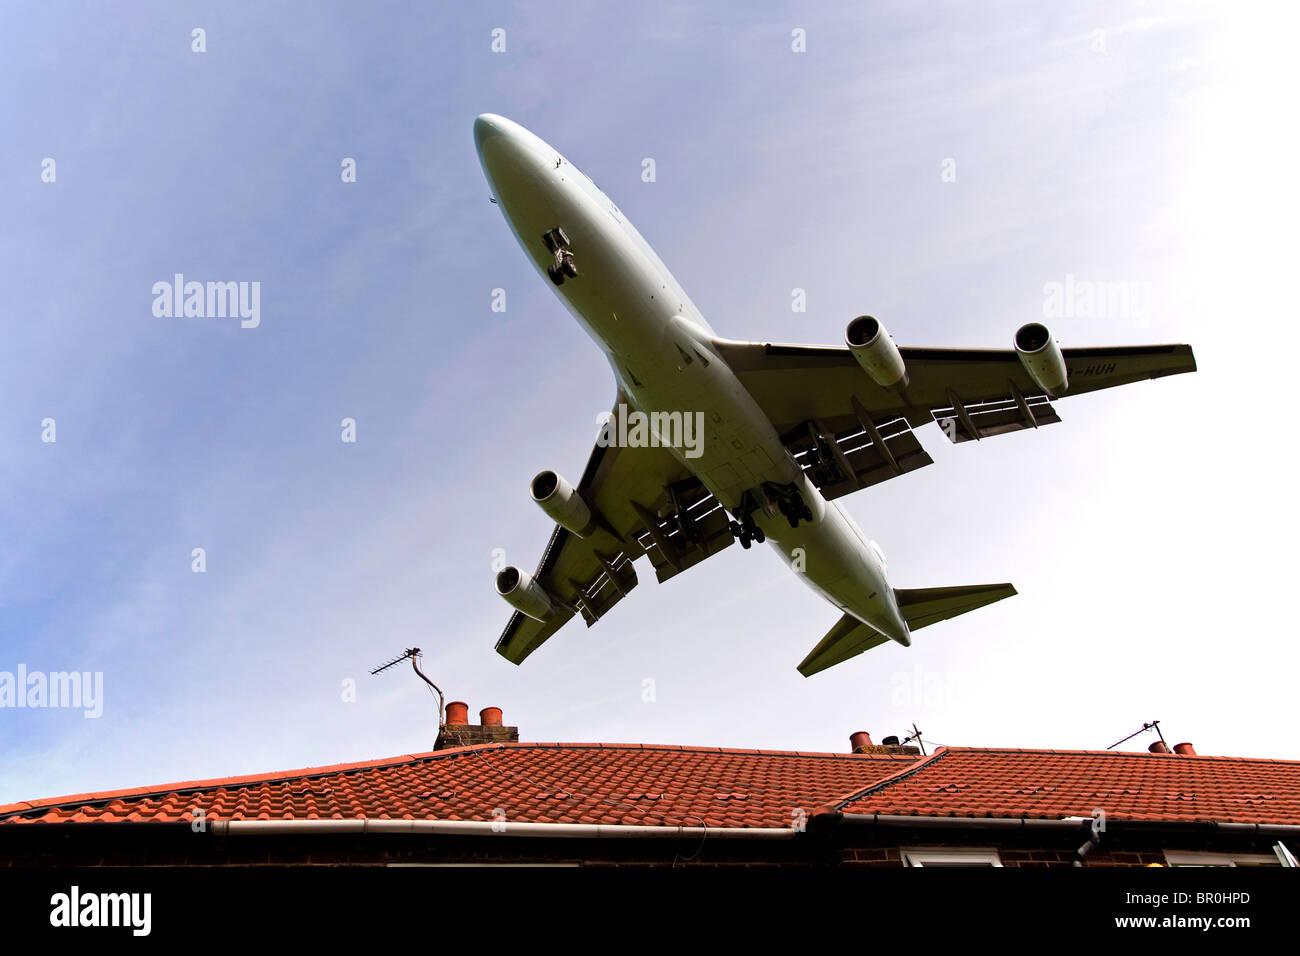 Boeing 747 Jumbo jet aterrizando sobre los tejados de la casa al final de la pista de aterrizaje en el aeropuerto Imagen De Stock